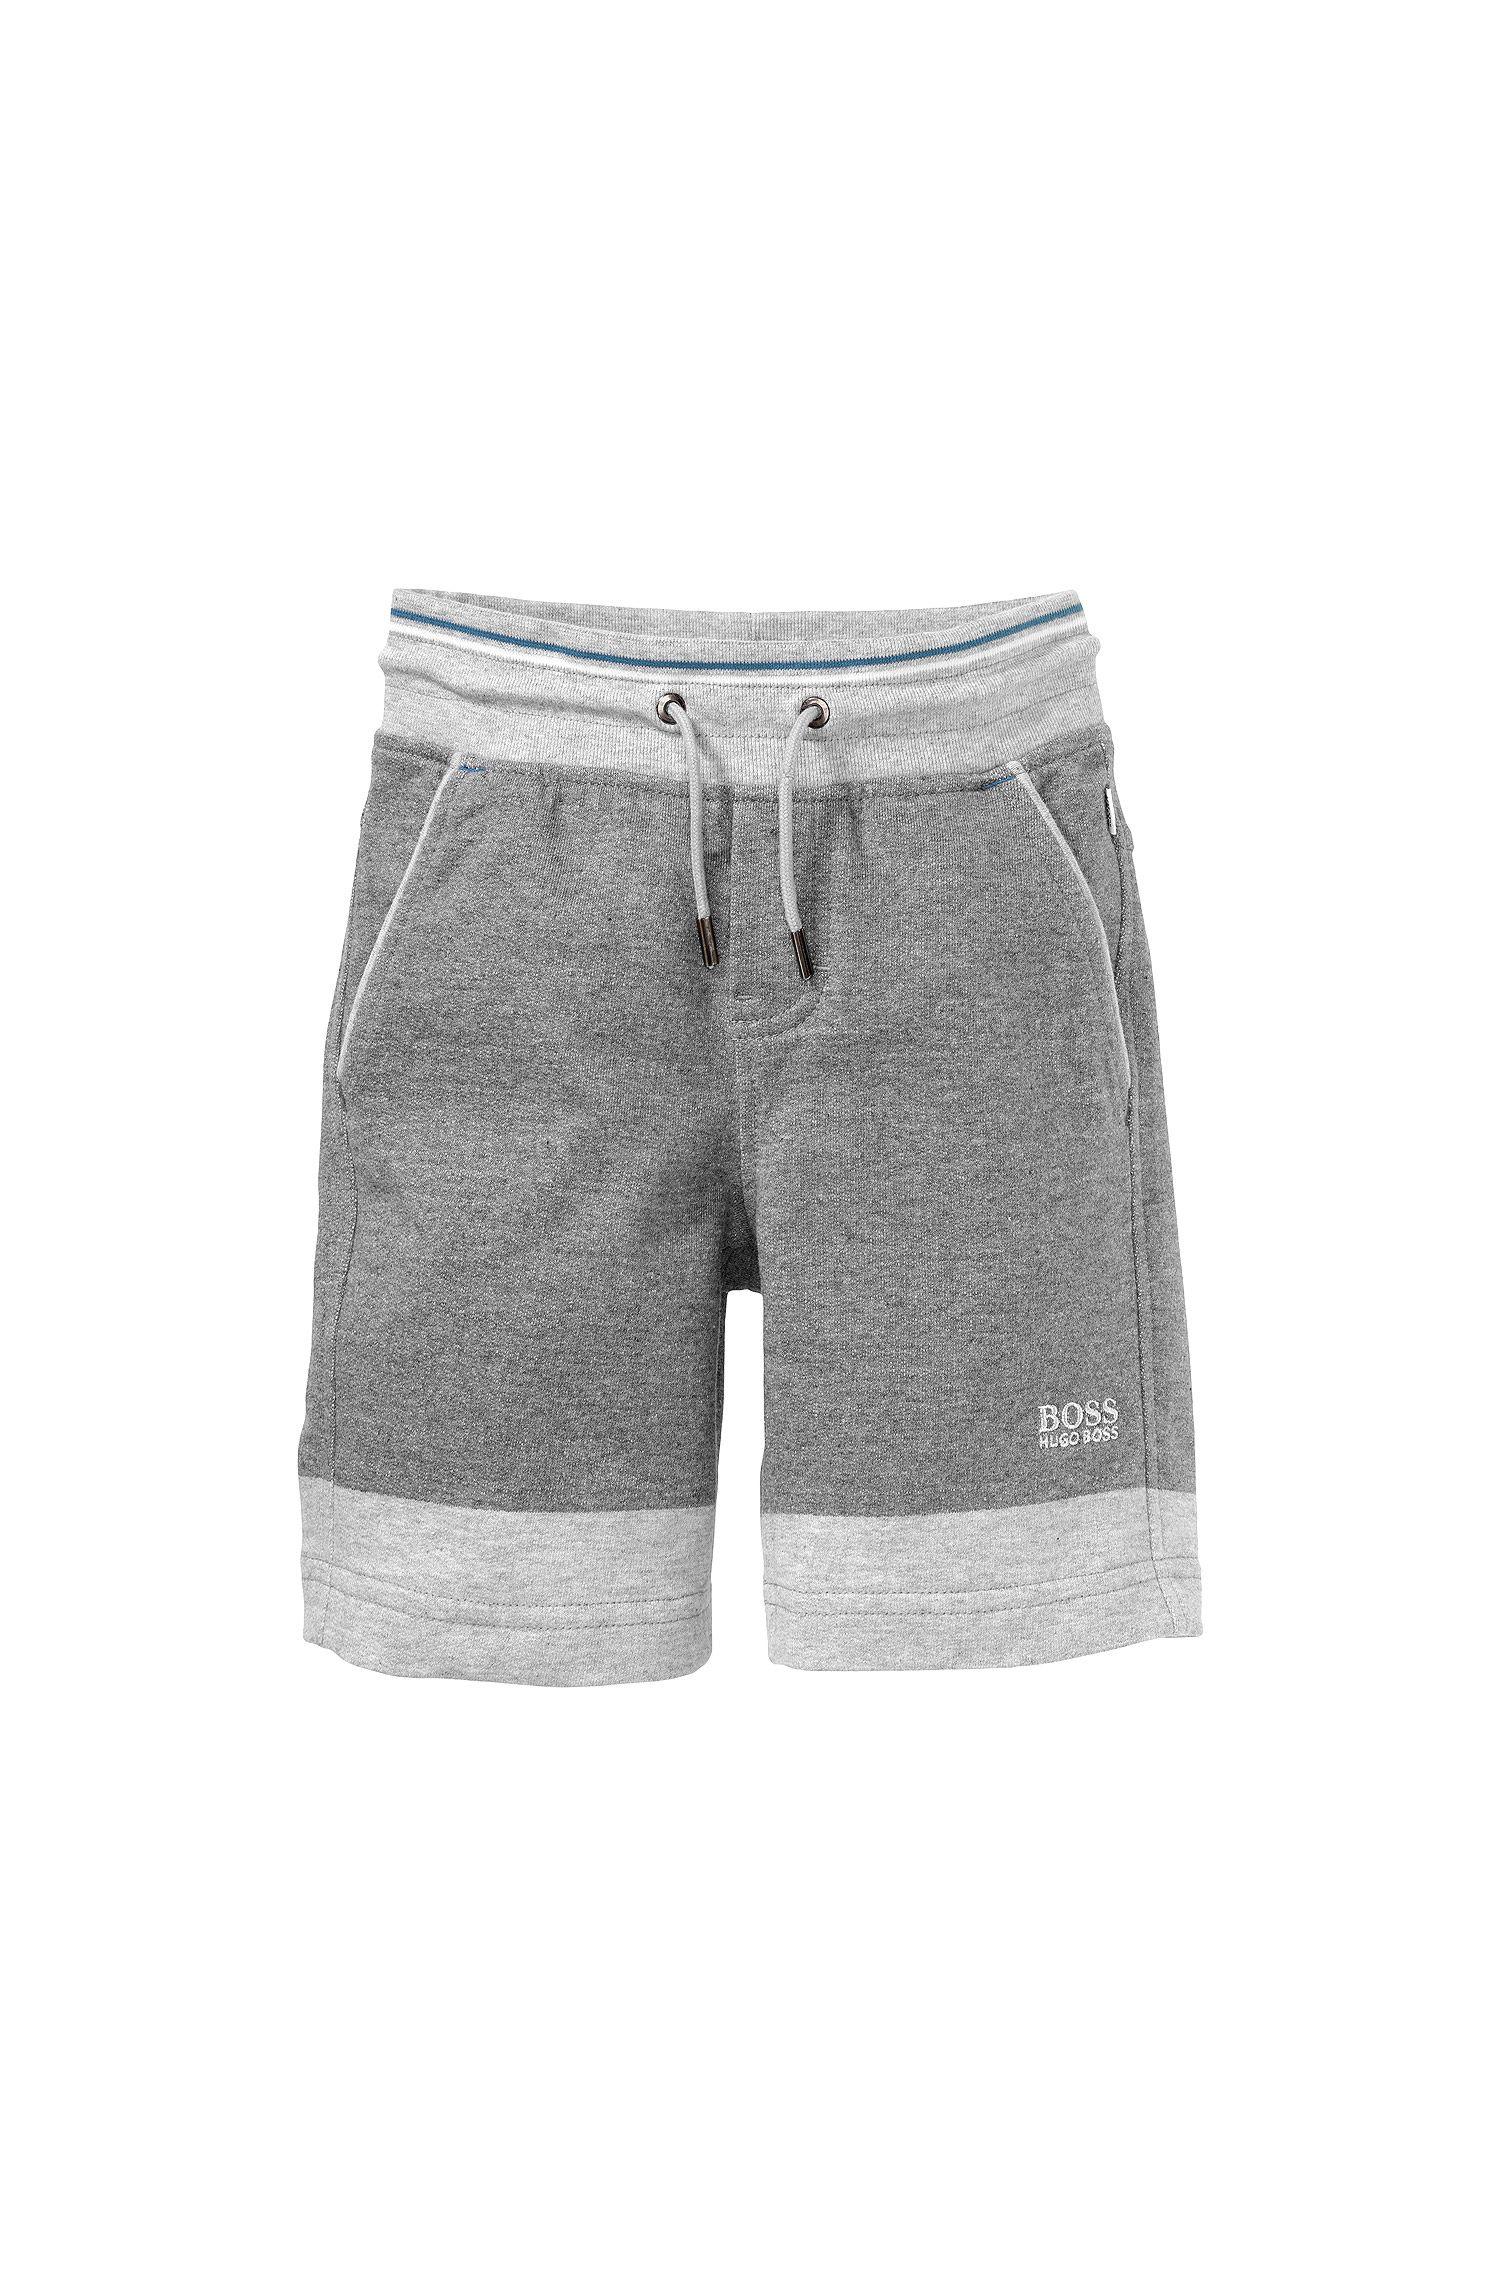 Pantalon de jogging pour enfant «J24335» en coton